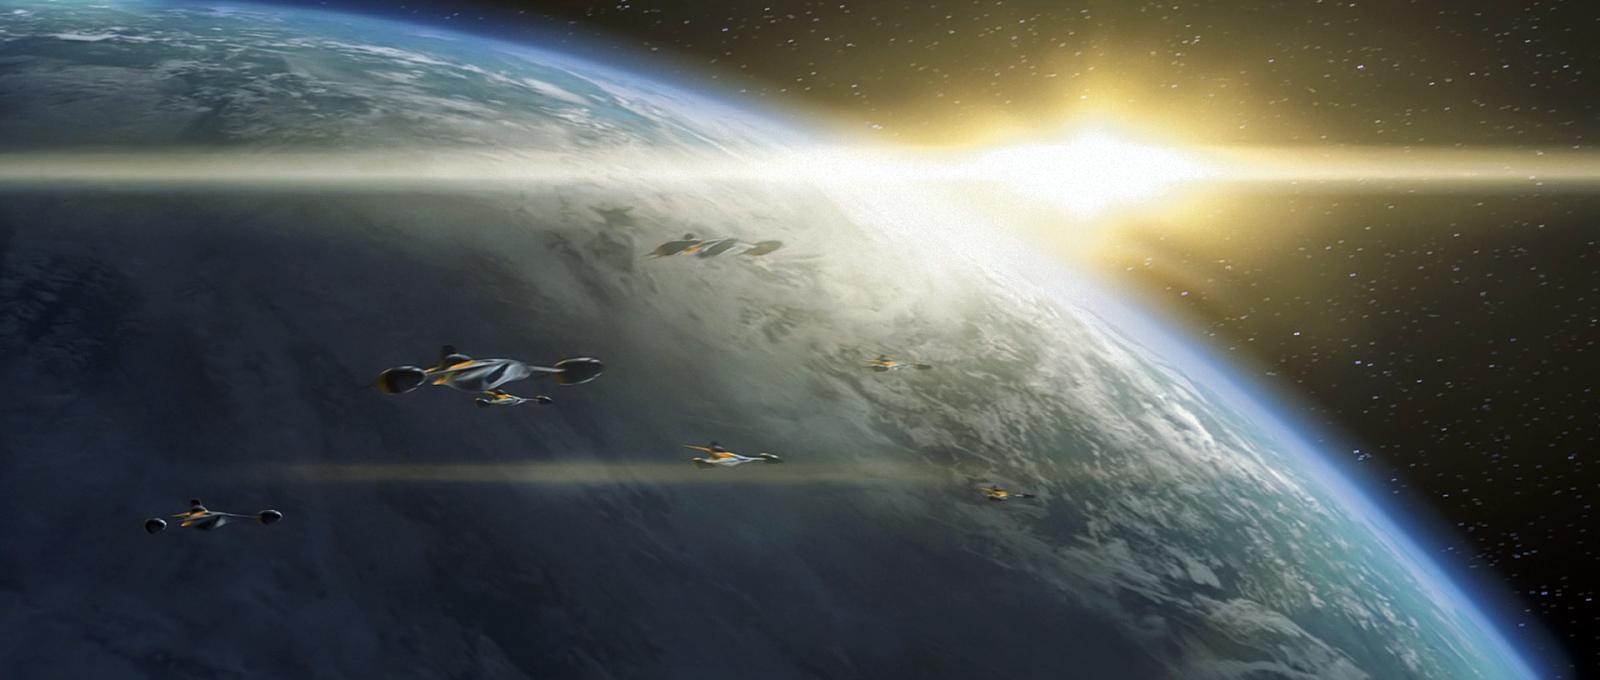 орбитальная атака планеты из космоса ударной группой штурмовиков звёздного крейсера Нибиру